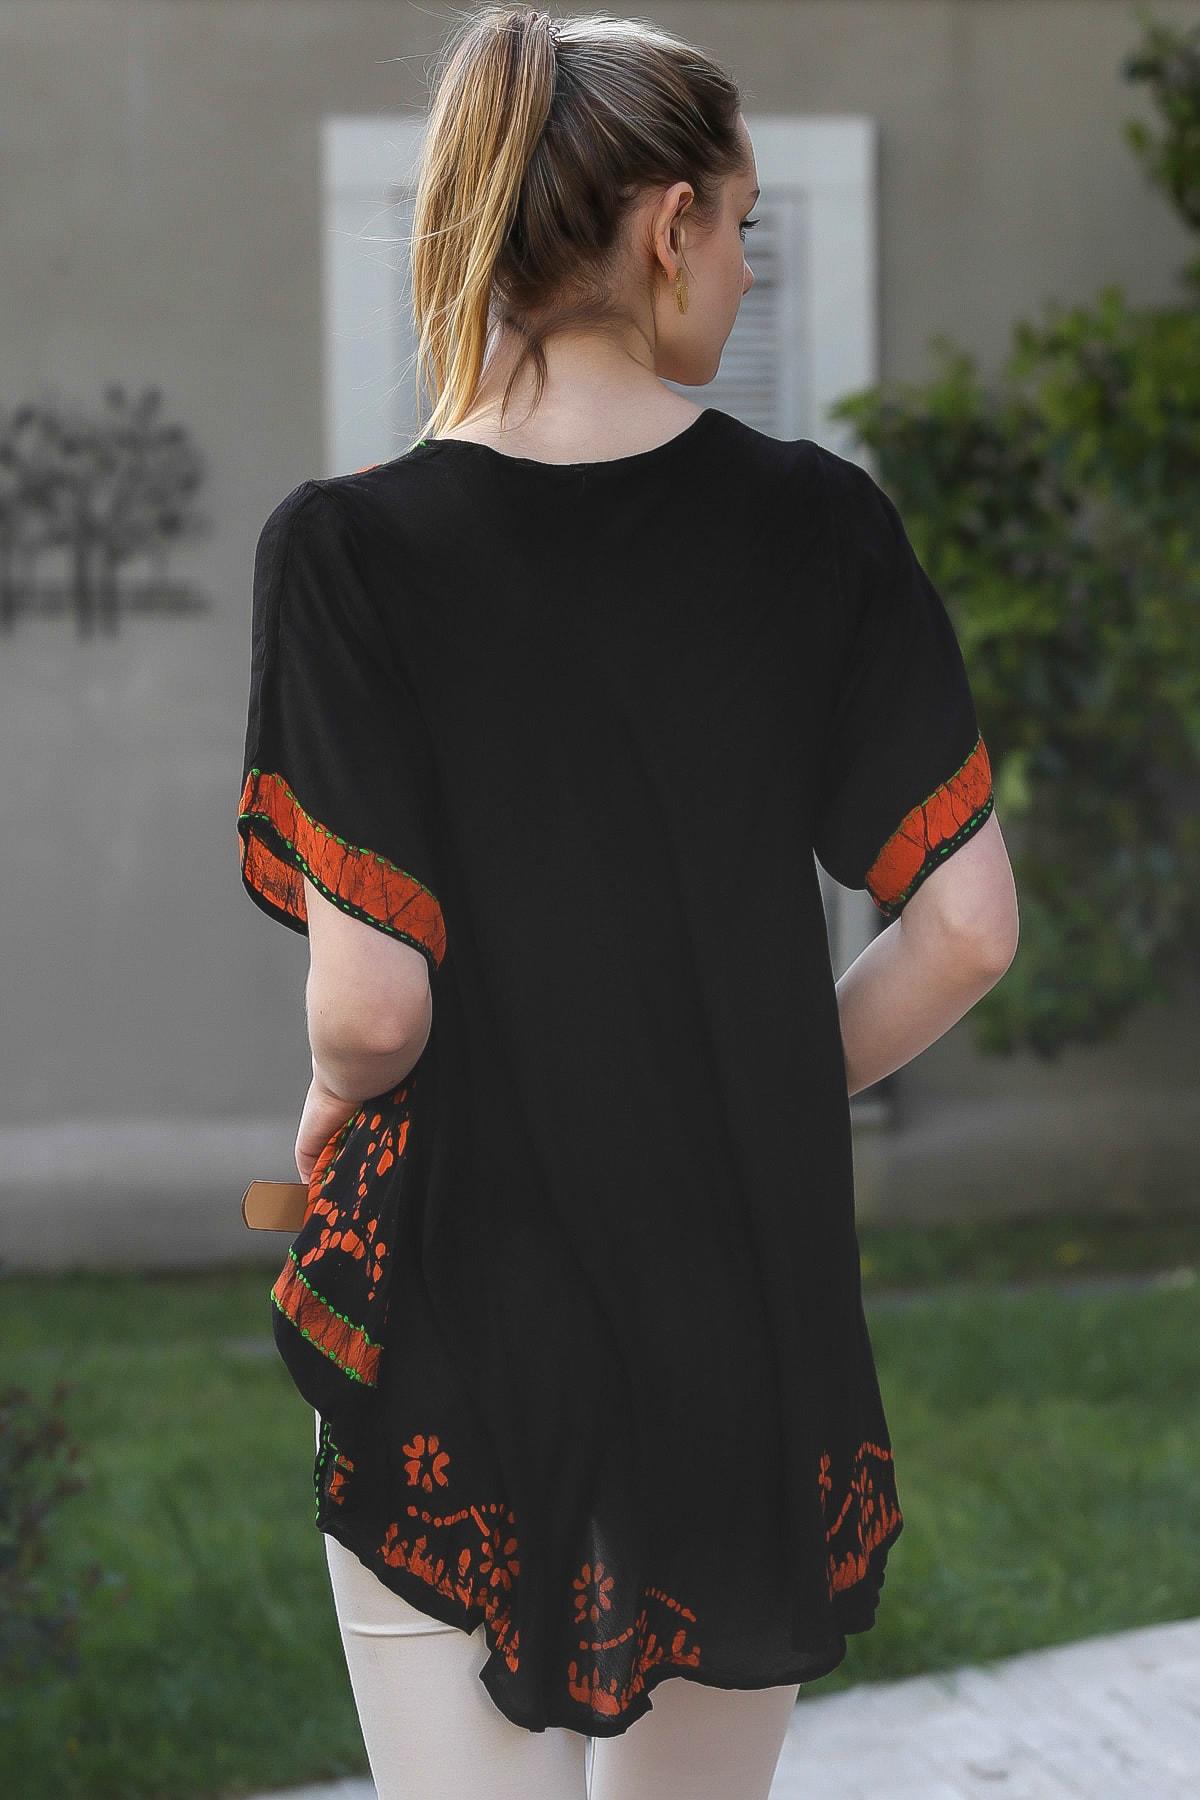 Chiccy Kadın Siyah U Yaka Çiçek Nakışlı Batik Desenli Salaş Tunik Bluz M10010200BL95380 4